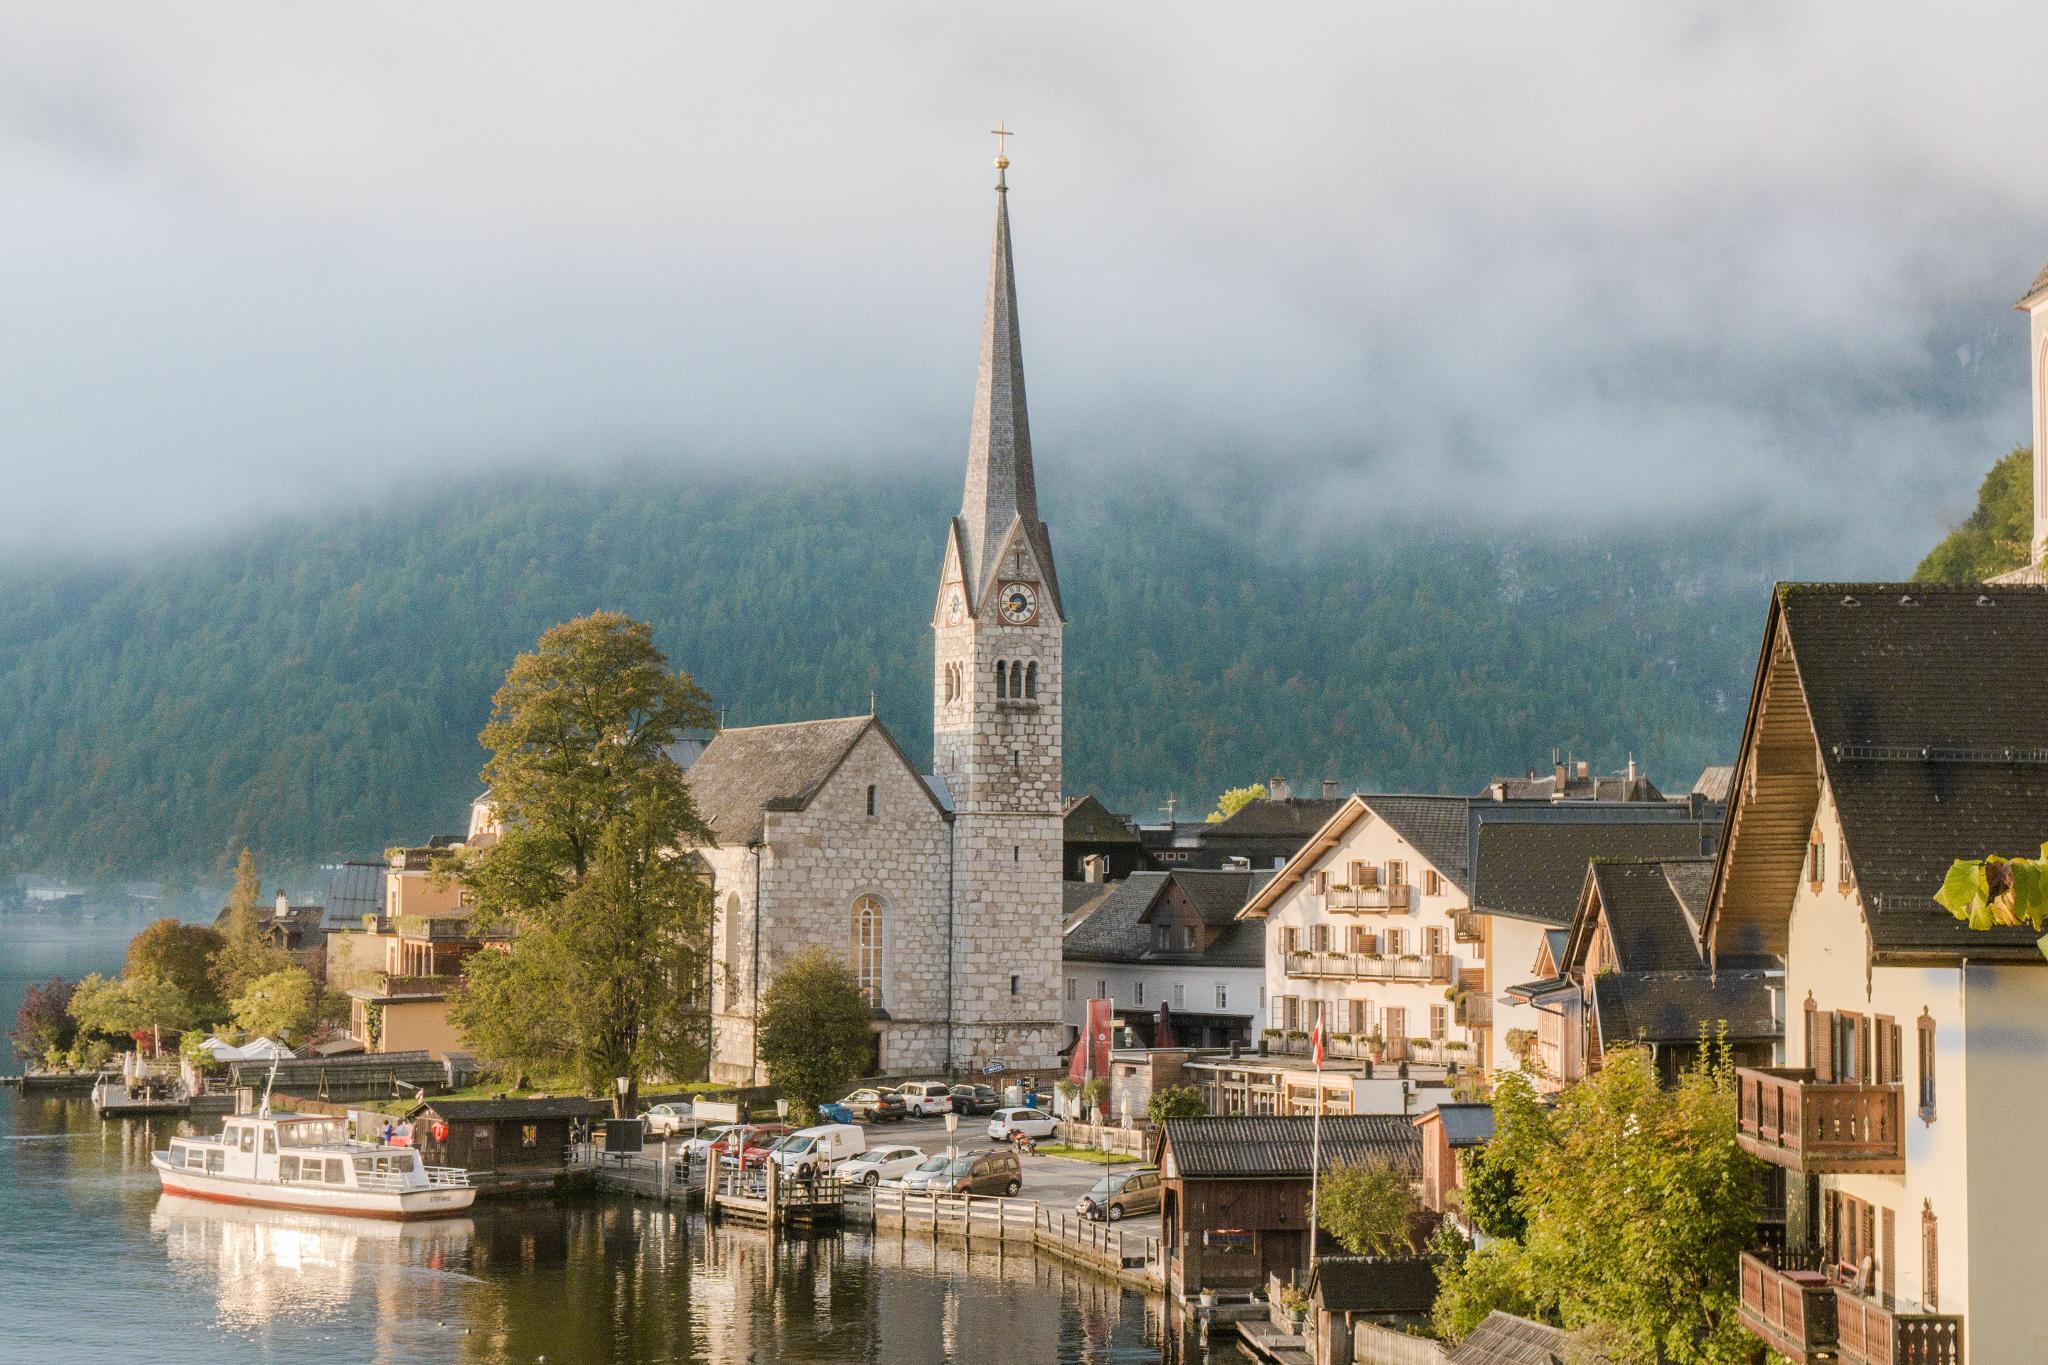 【奧地利】童話仙境 Hallstatt 哈修塔特 — 追逐世界遺產小鎮的夢幻黃金日出 17